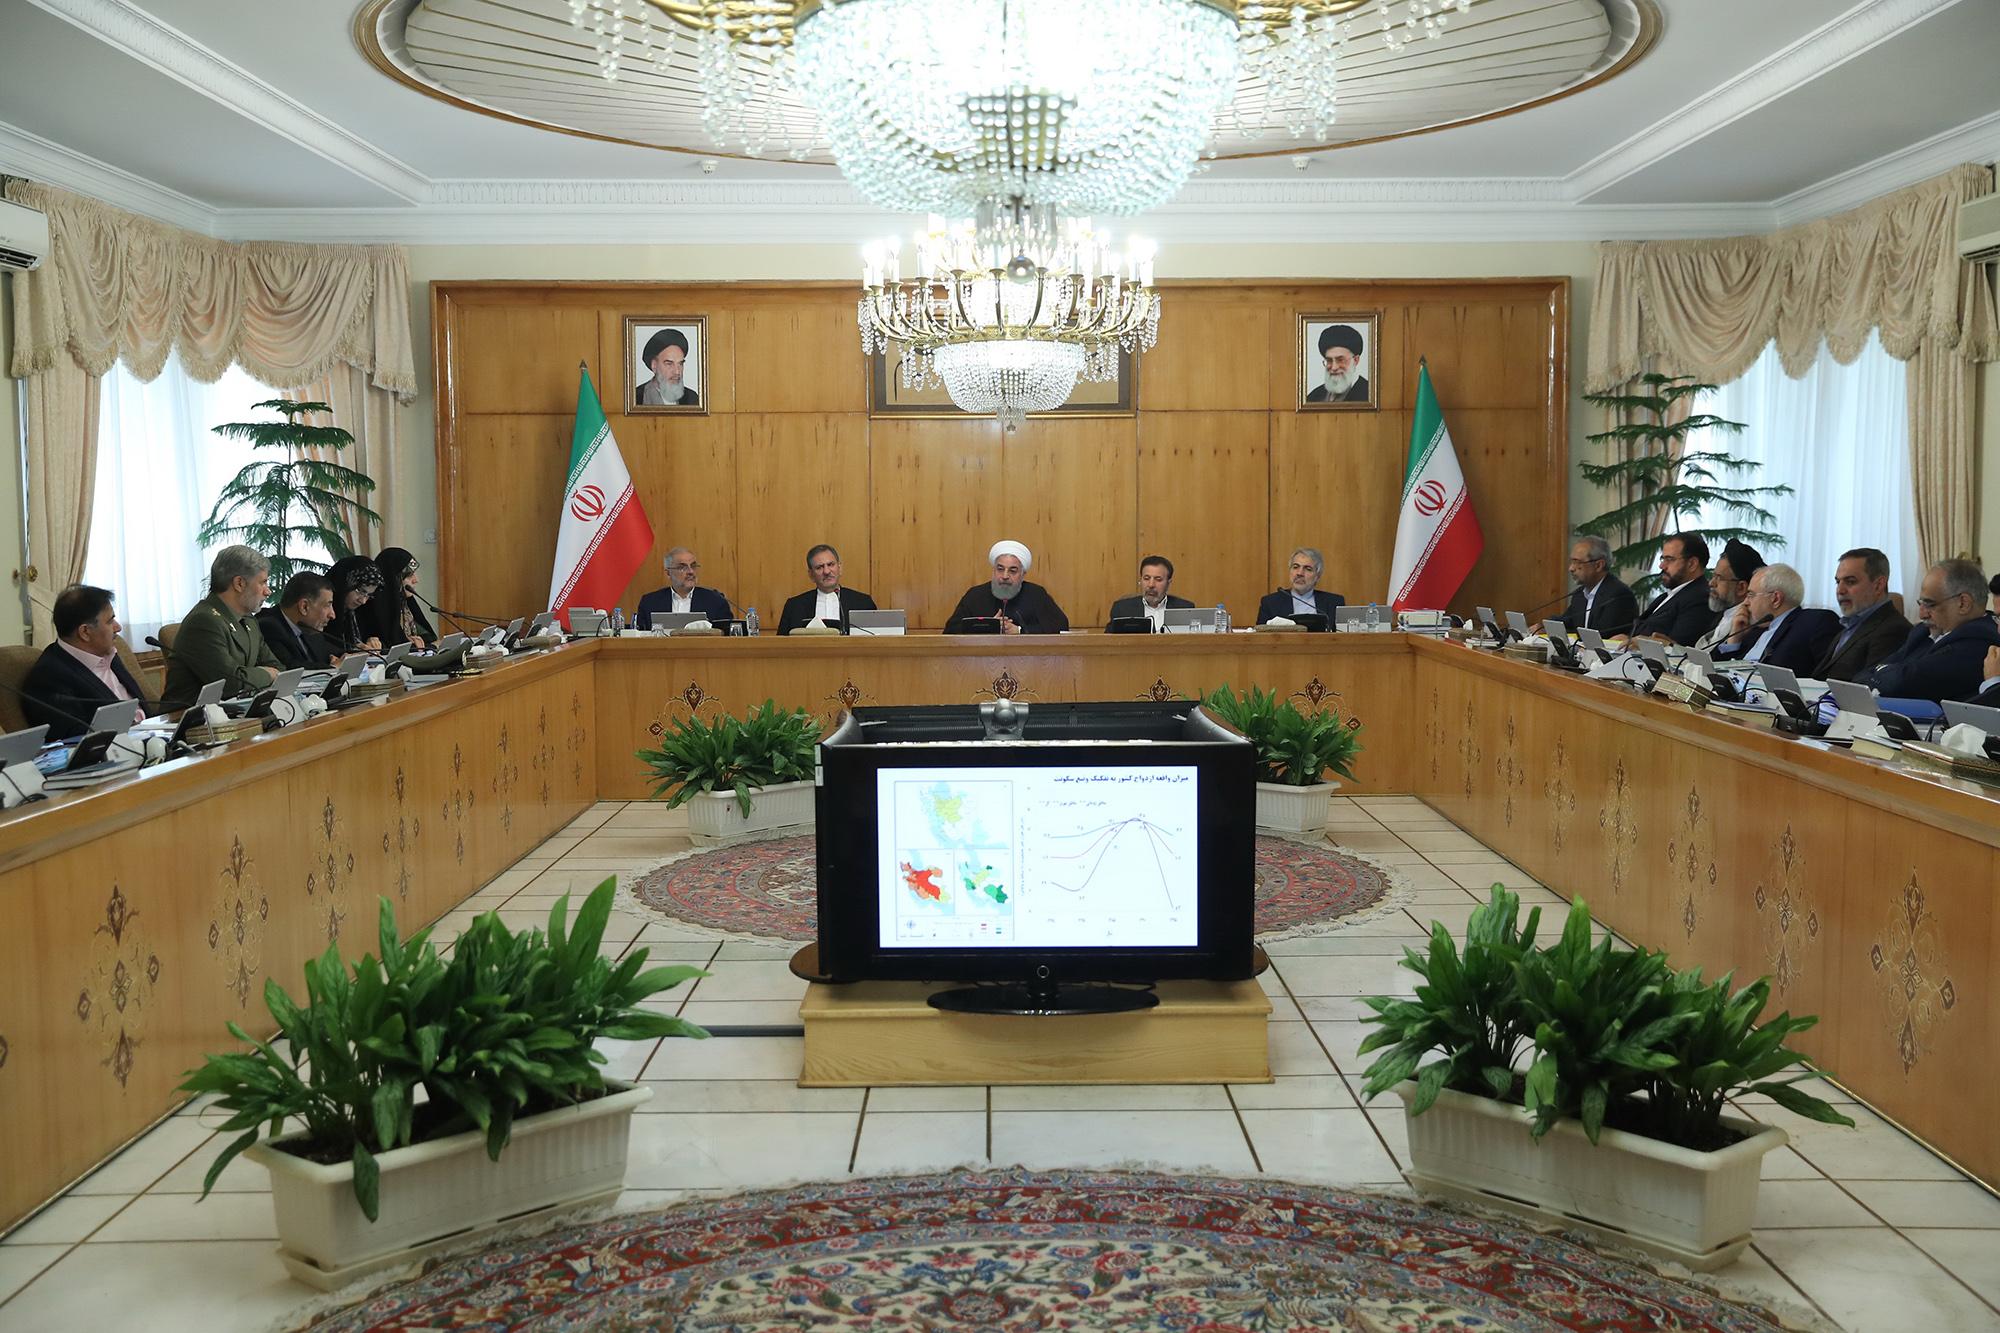 حمایت قاطع روحانی از سه وزیر درمعرض استیضاح